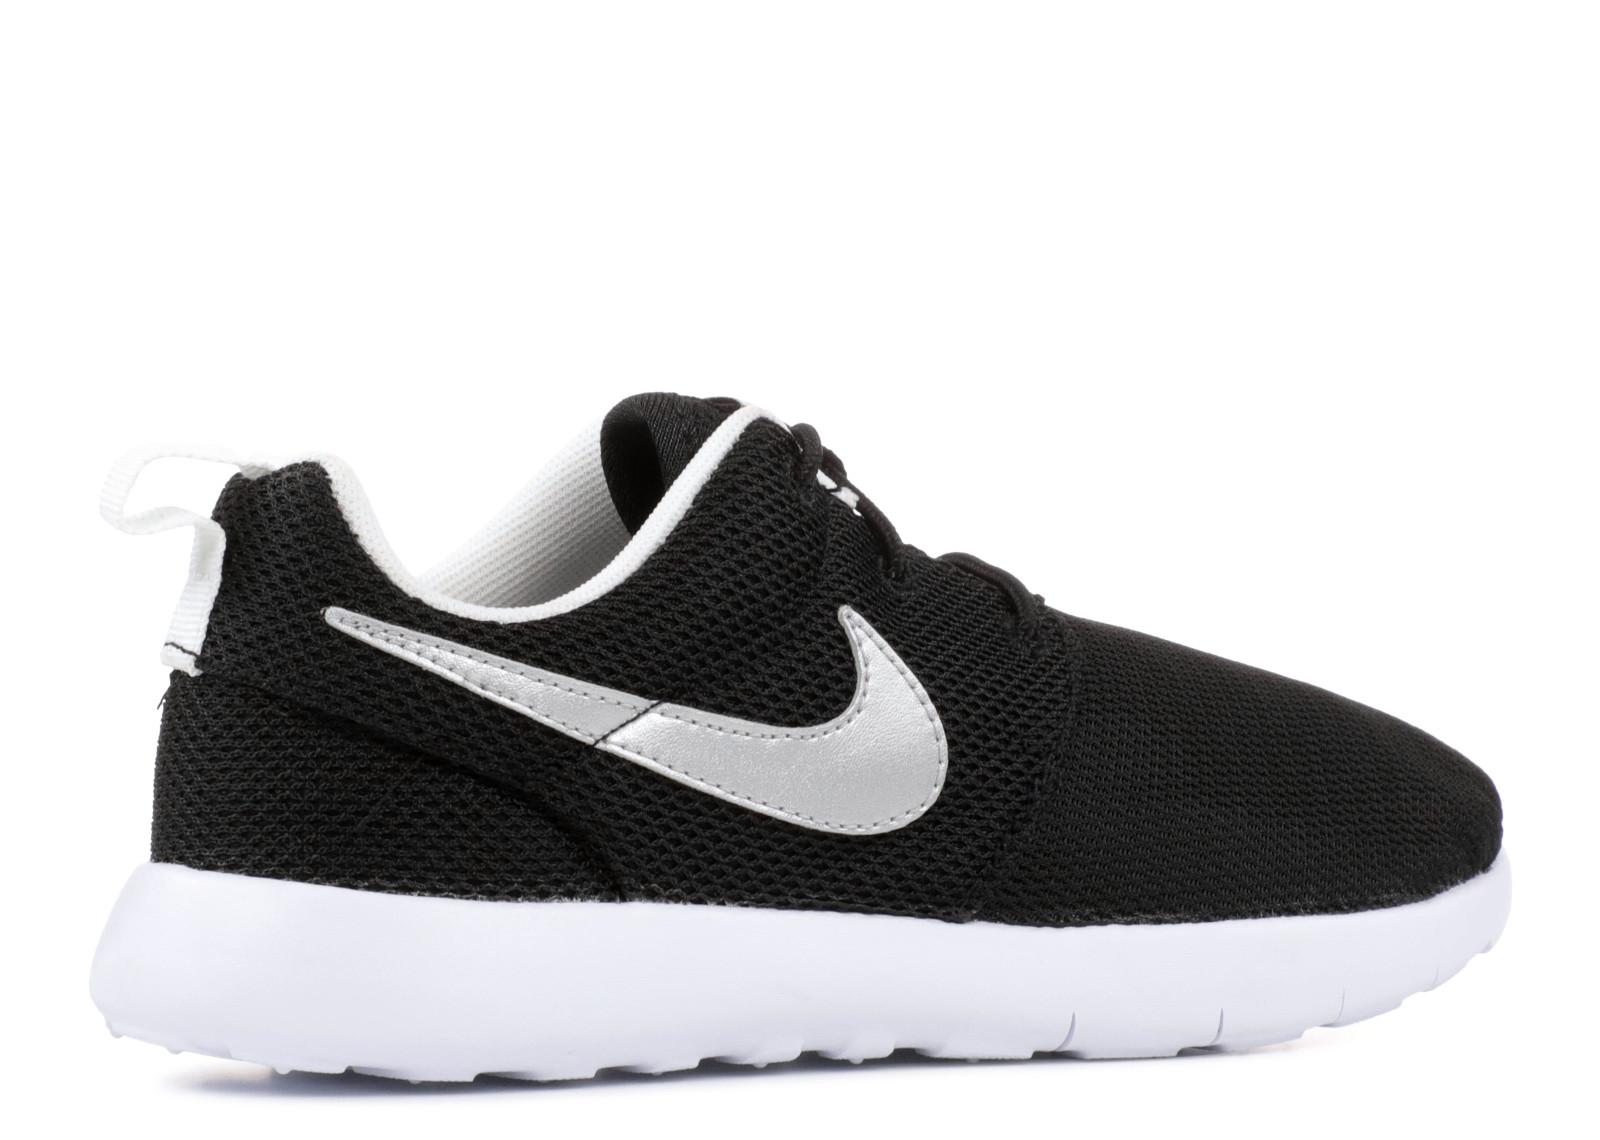 ad04686d5320 Nike Roshe One PS White Black Silver Metallic 749427-021 - Febbuy